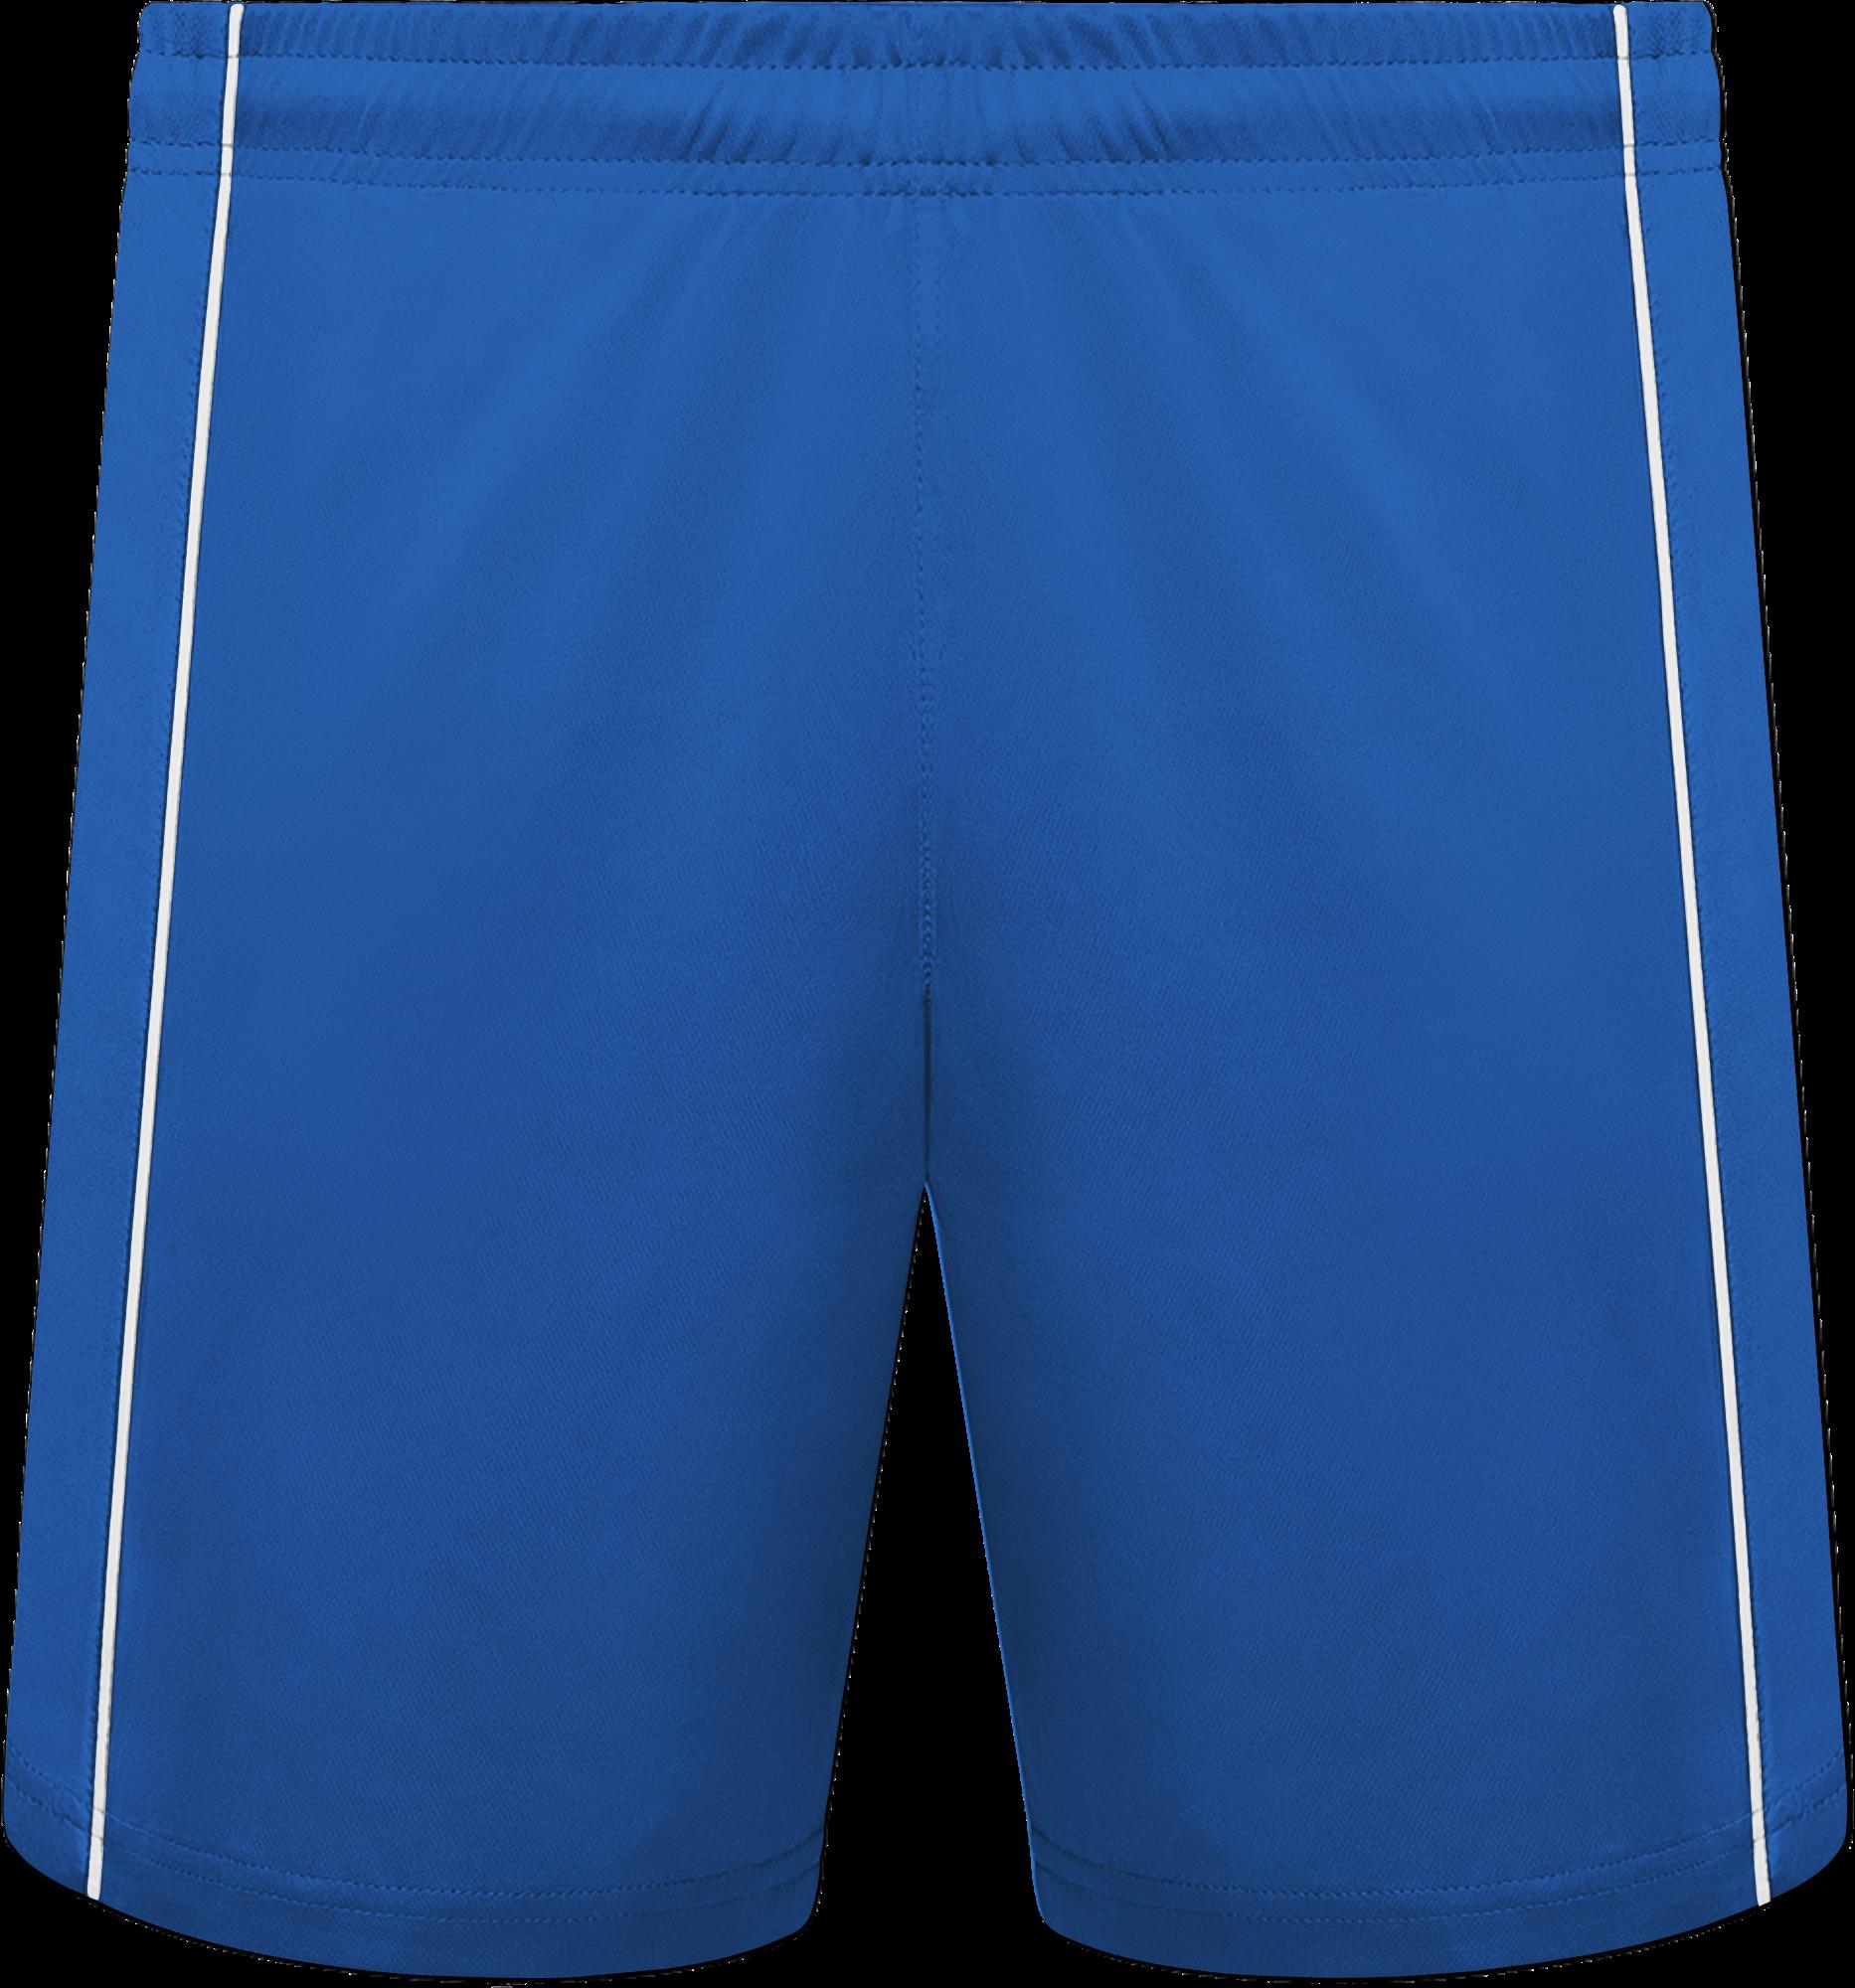 Basic Team Shorts 387